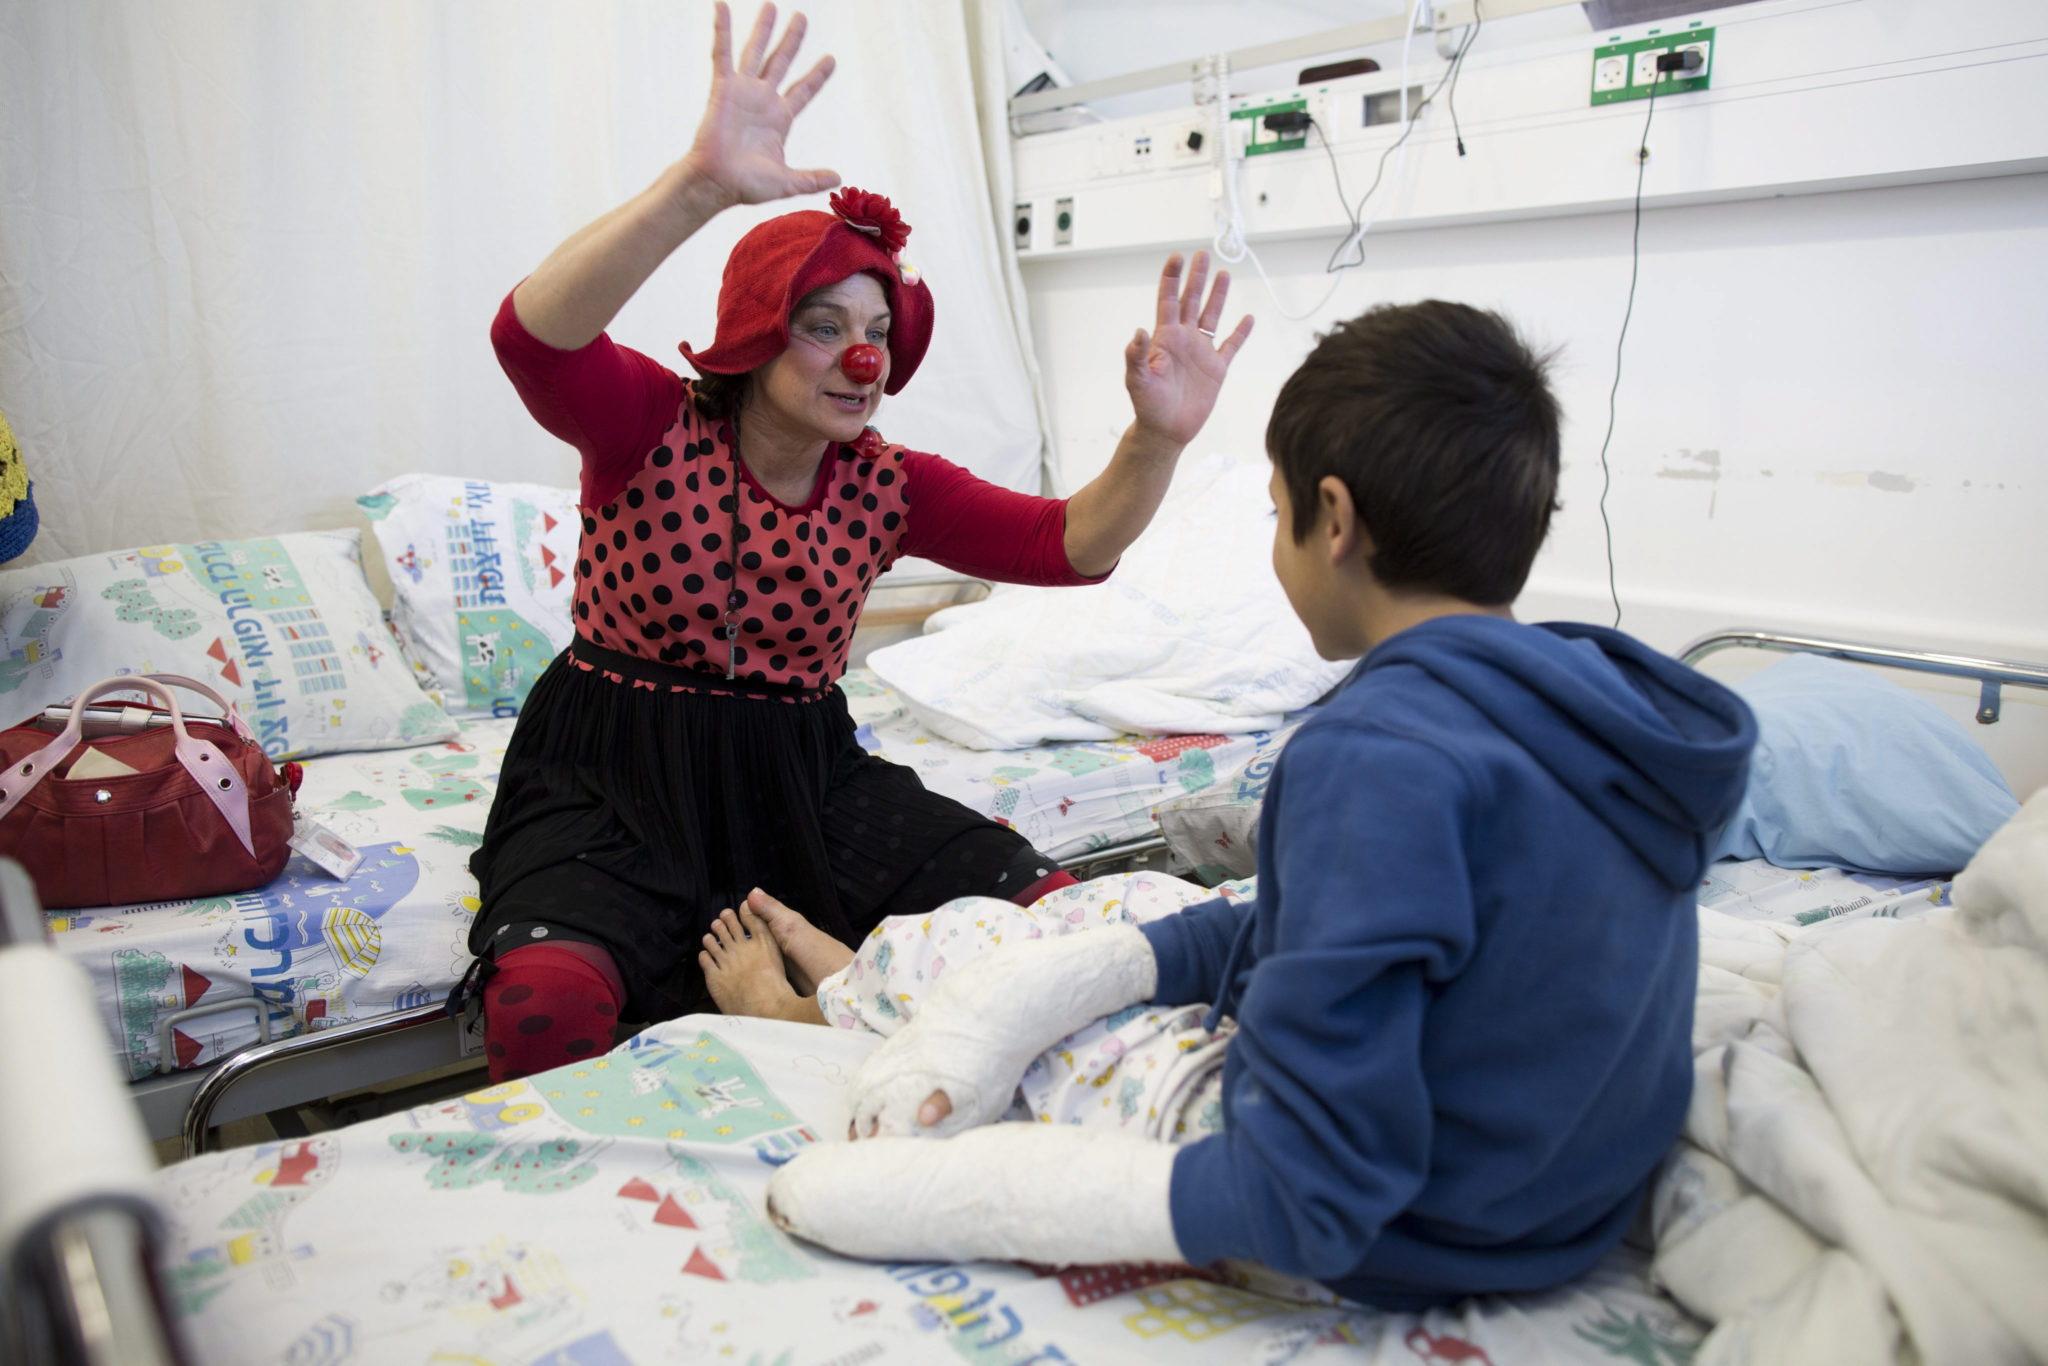 Izrael: klaun odwiedzający małych Syryjczyków w Centrum Medycznym w Safed (foto. PAPEPA/ABIR SULTAN)